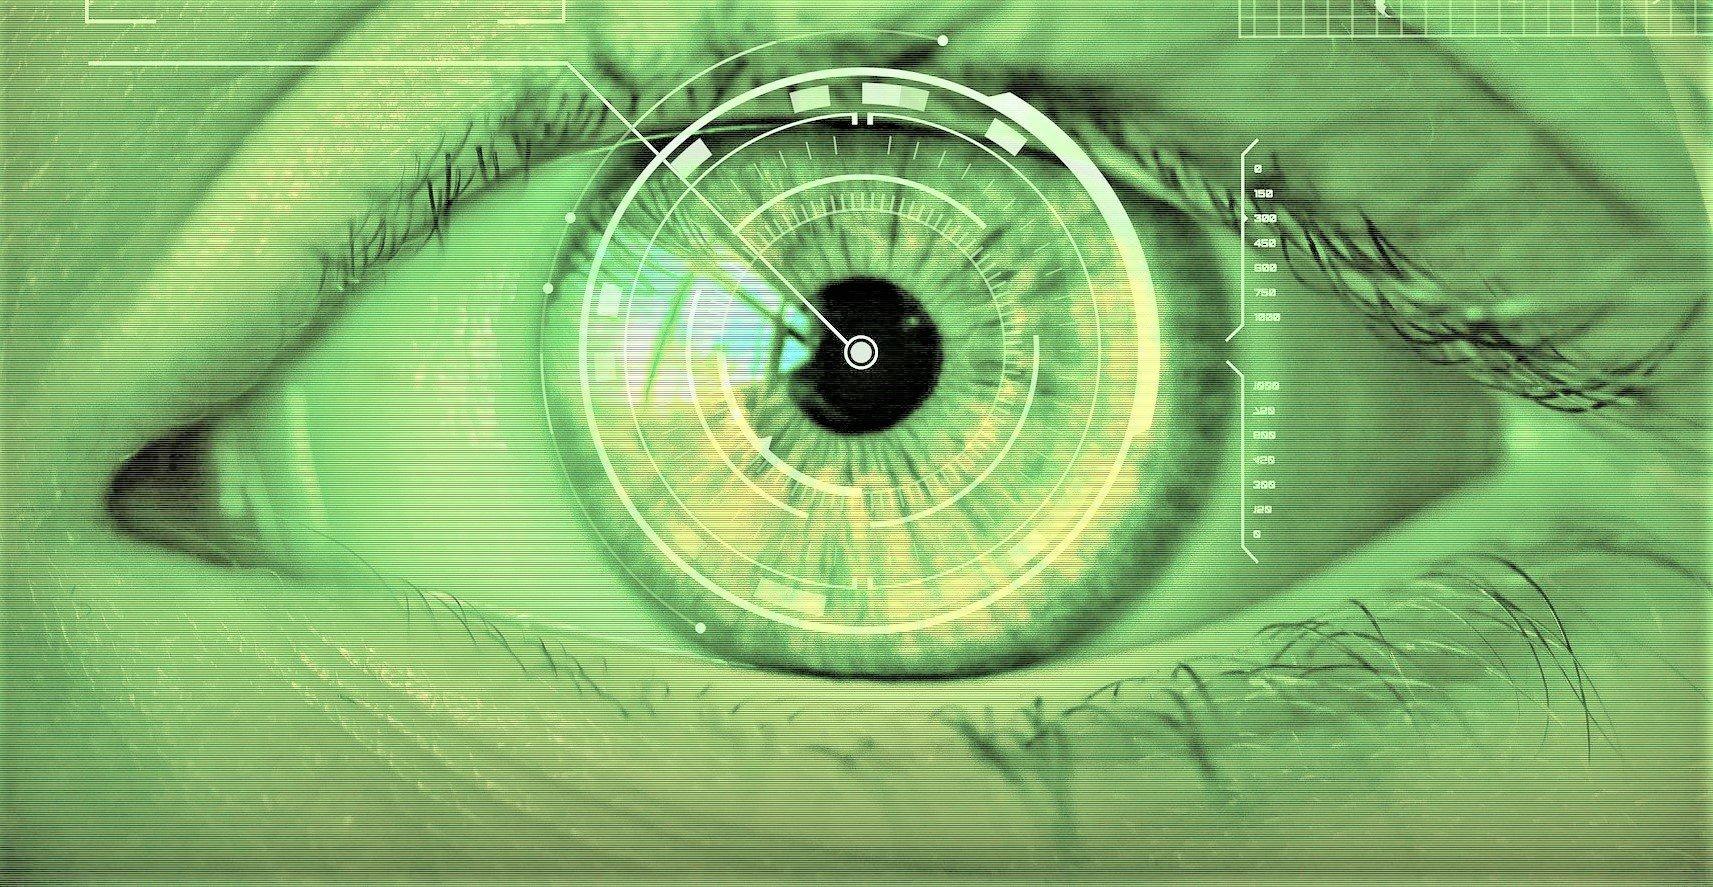 iridologia iride ematogeno linfatica linfatico neurogena neurogeno idrogenoide connettivale vegetativo spastico lacuna cripta eterocromia eterocromie pigmenti macchie raggi solari anelli tetanici OPI anello gastrico opi pupilla